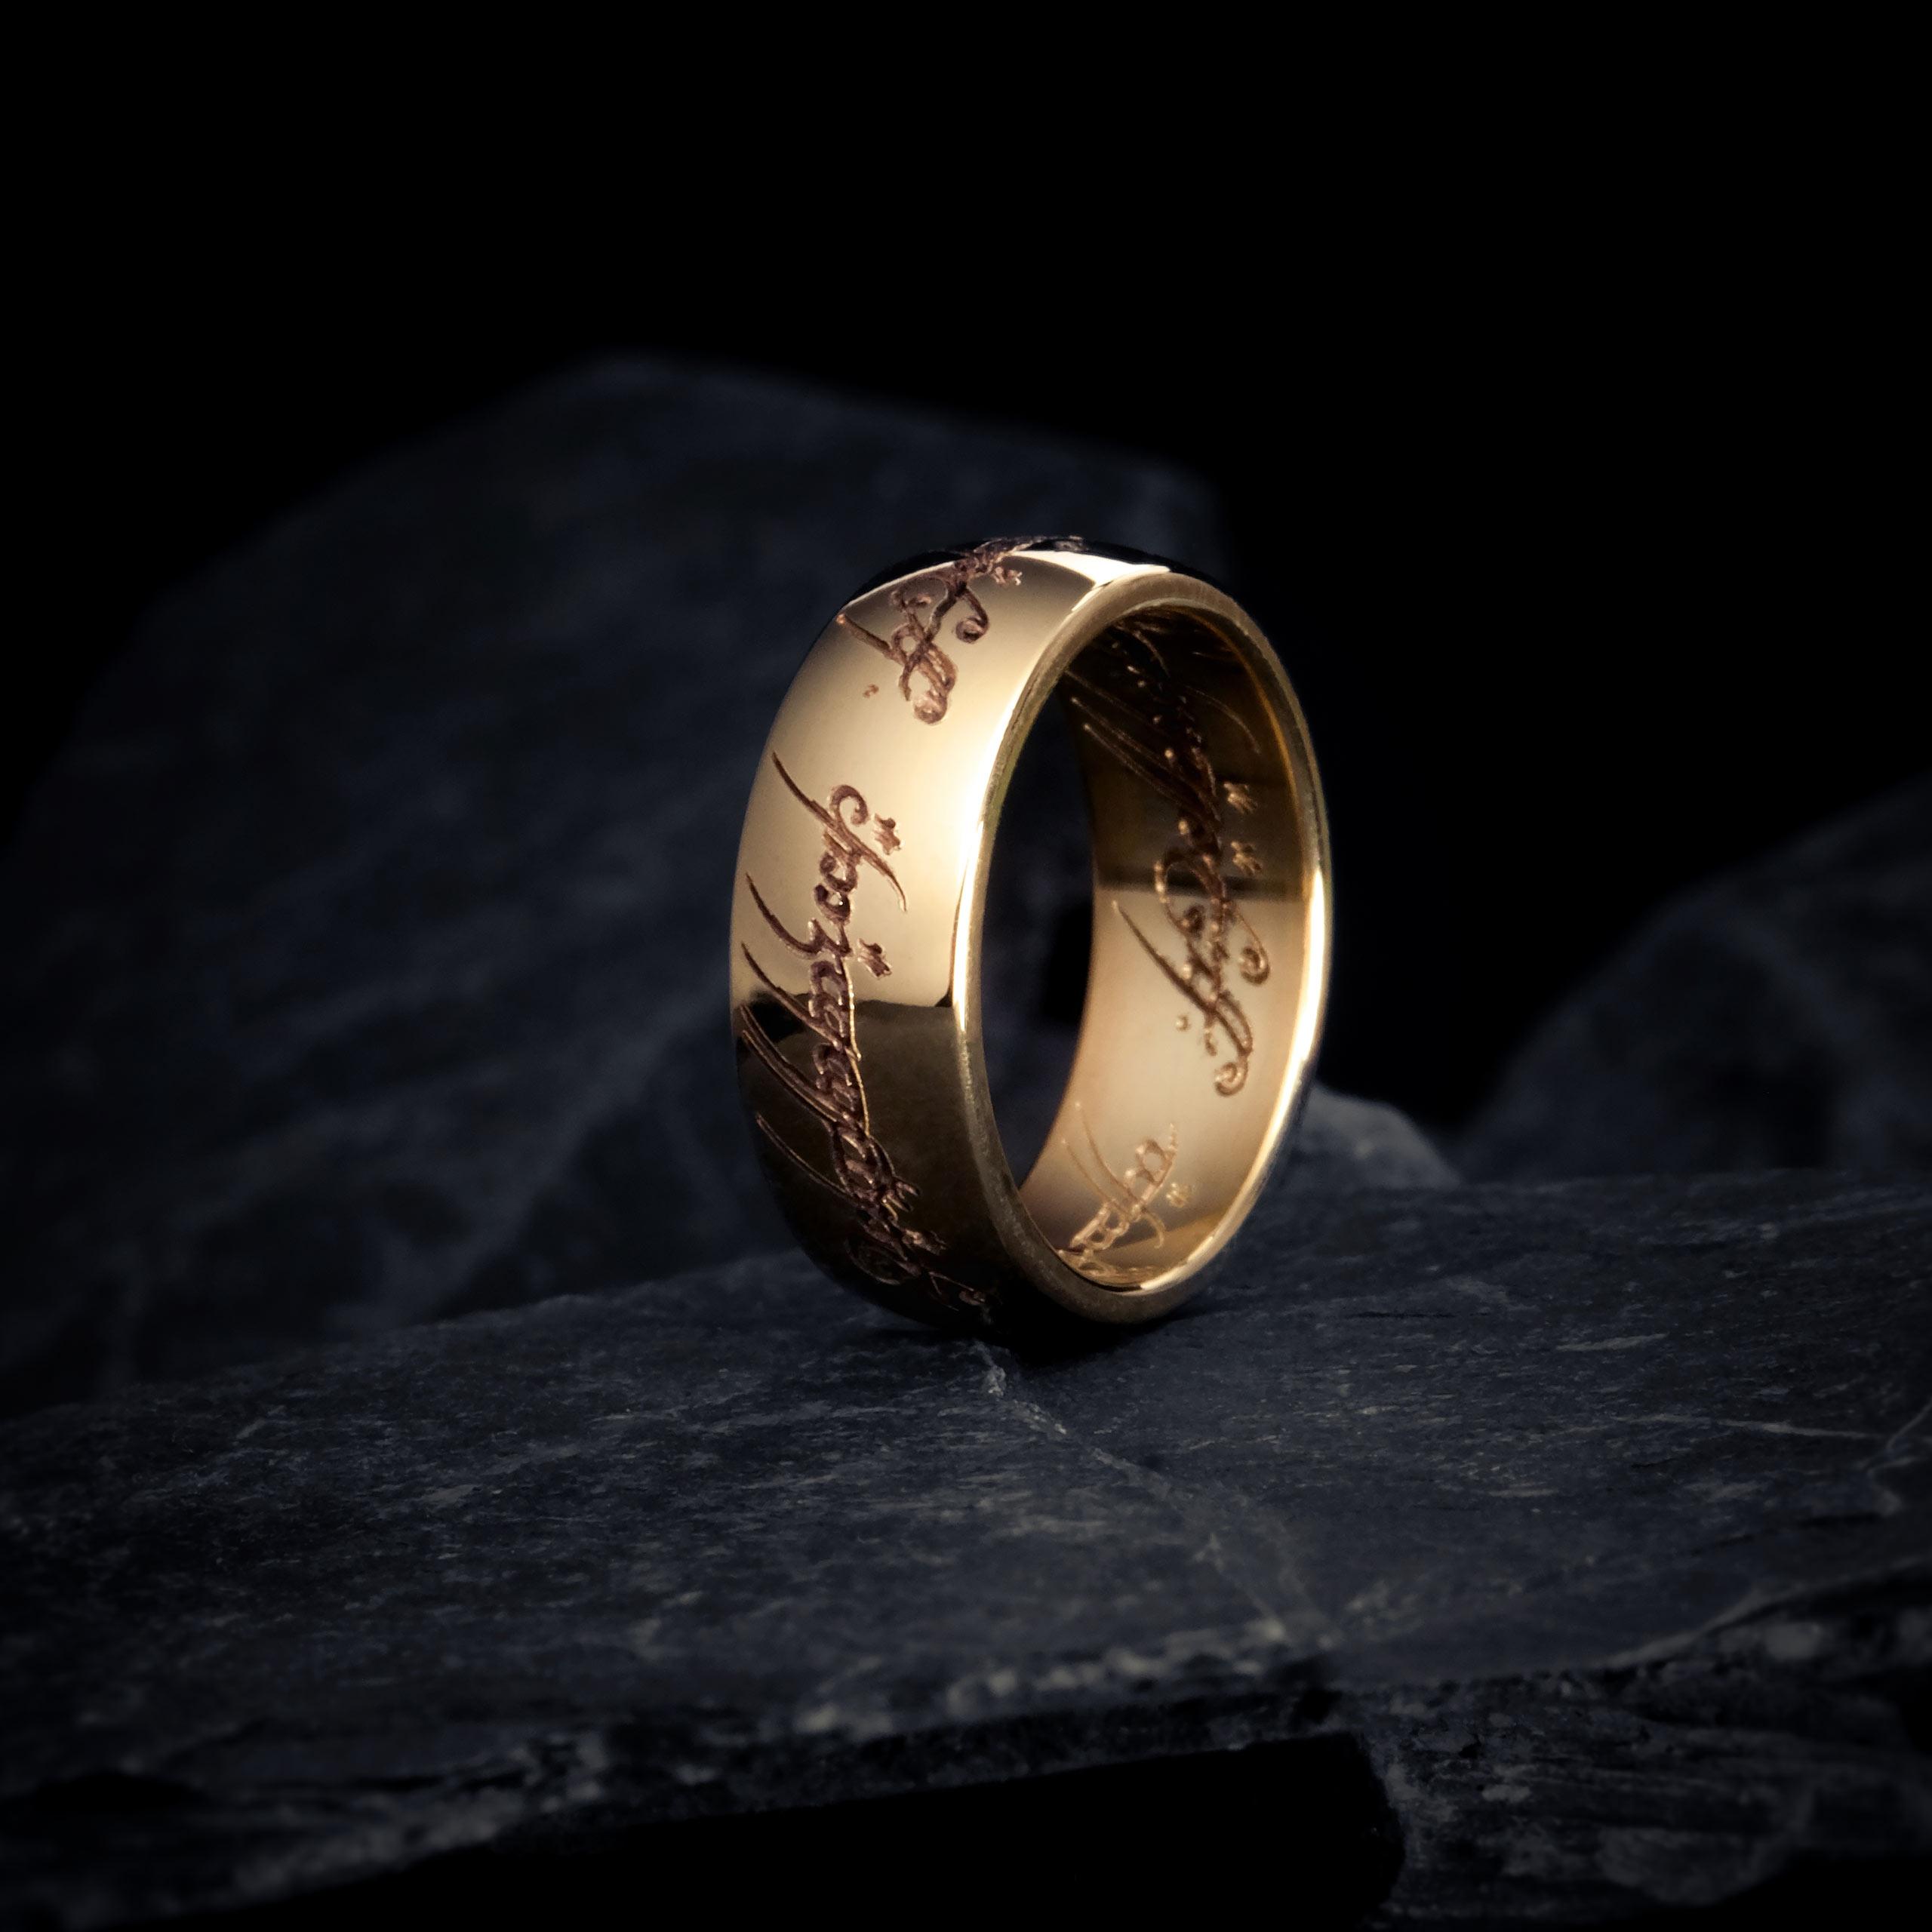 der herr der ringe ring gold 8 karat offizieller warner bros shop. Black Bedroom Furniture Sets. Home Design Ideas